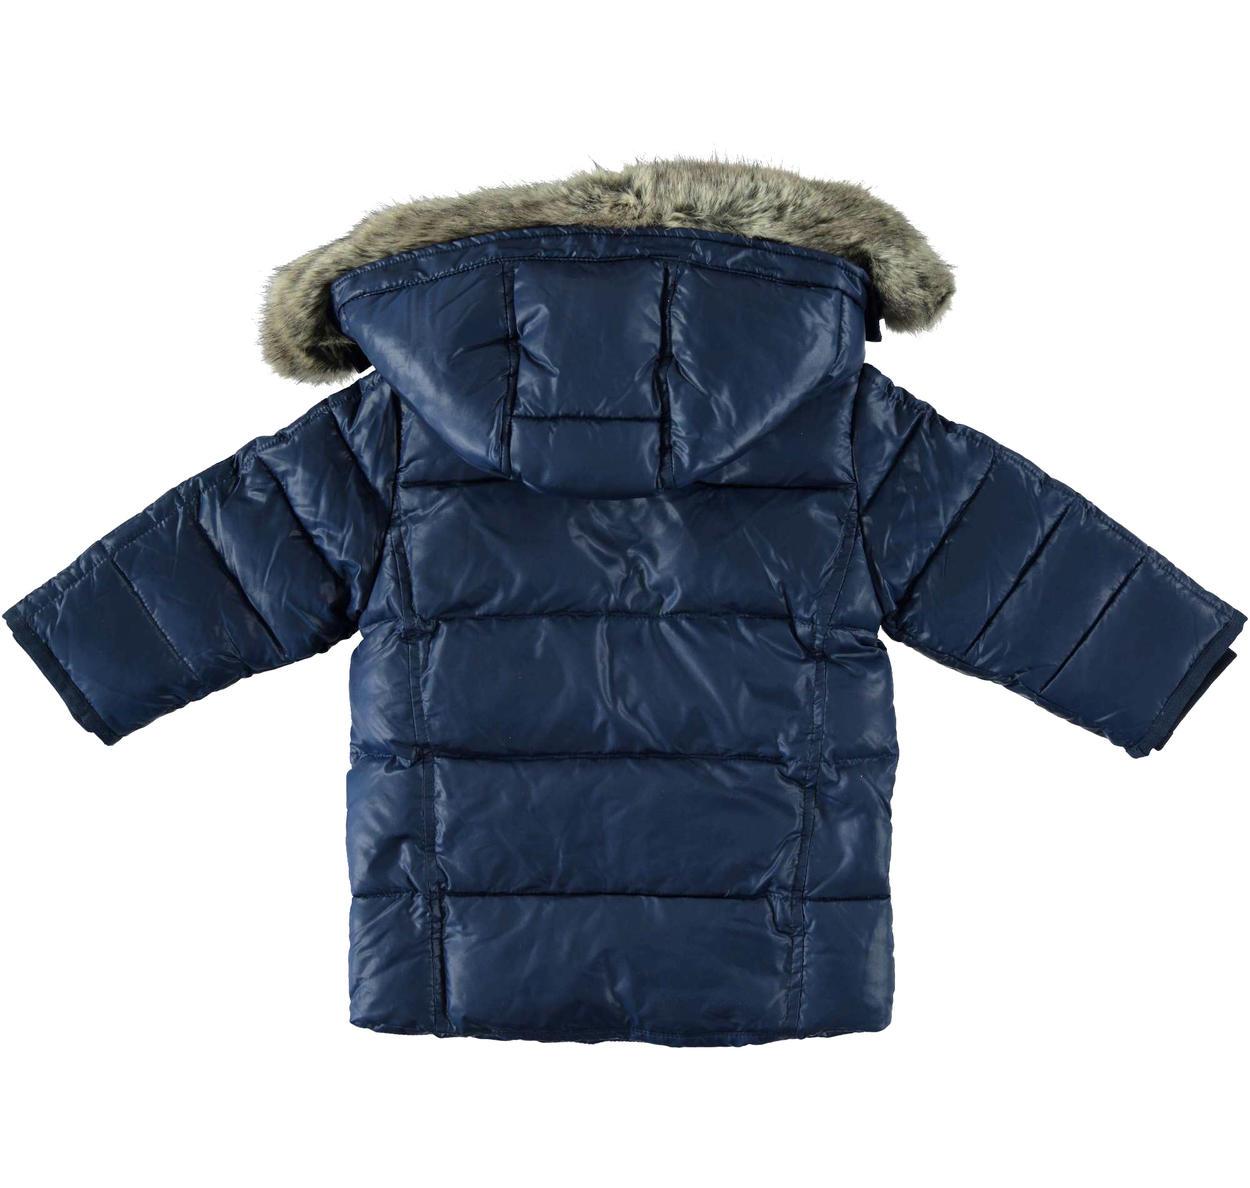 Piumino in vera piuma d'oca con cappuccio e pelliccia per bambino da 6 mesi a 7 anni Sarabanda